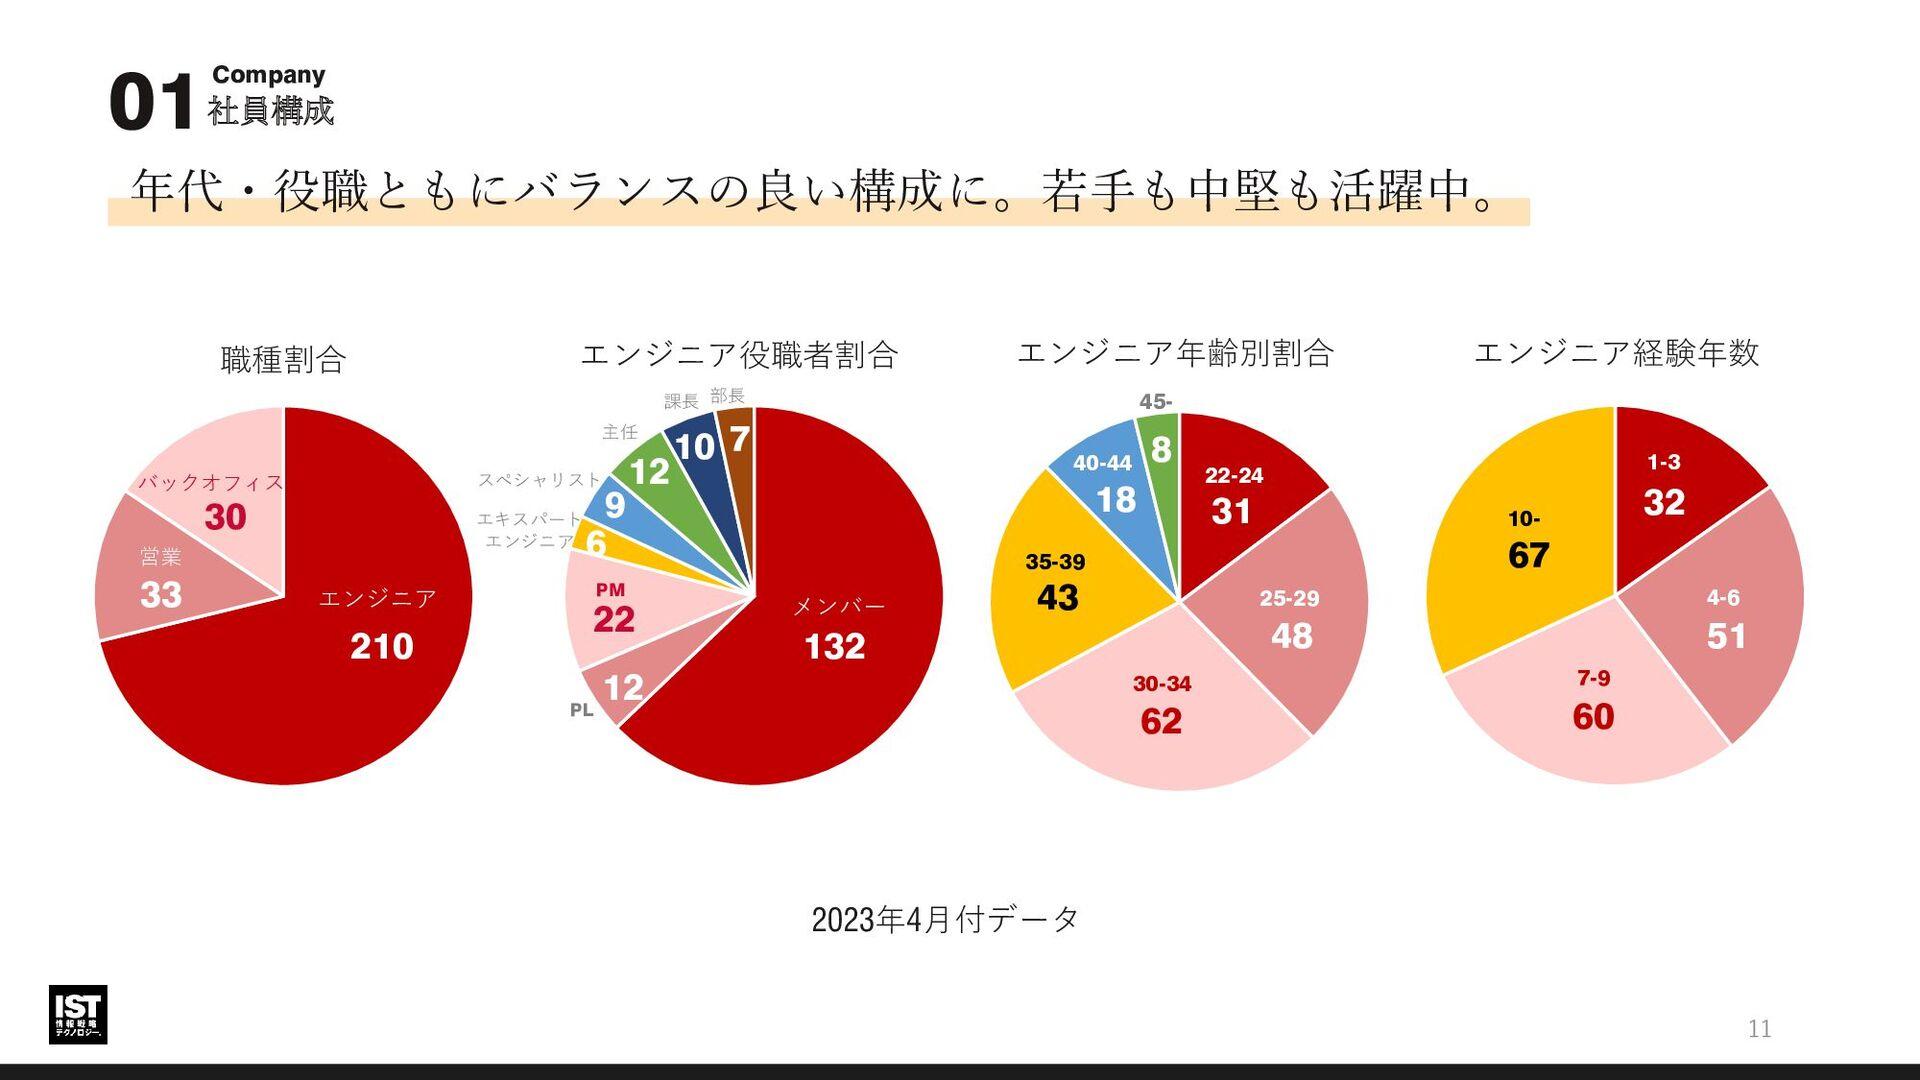 02 未来 [利益を何に投資する会社か] 11